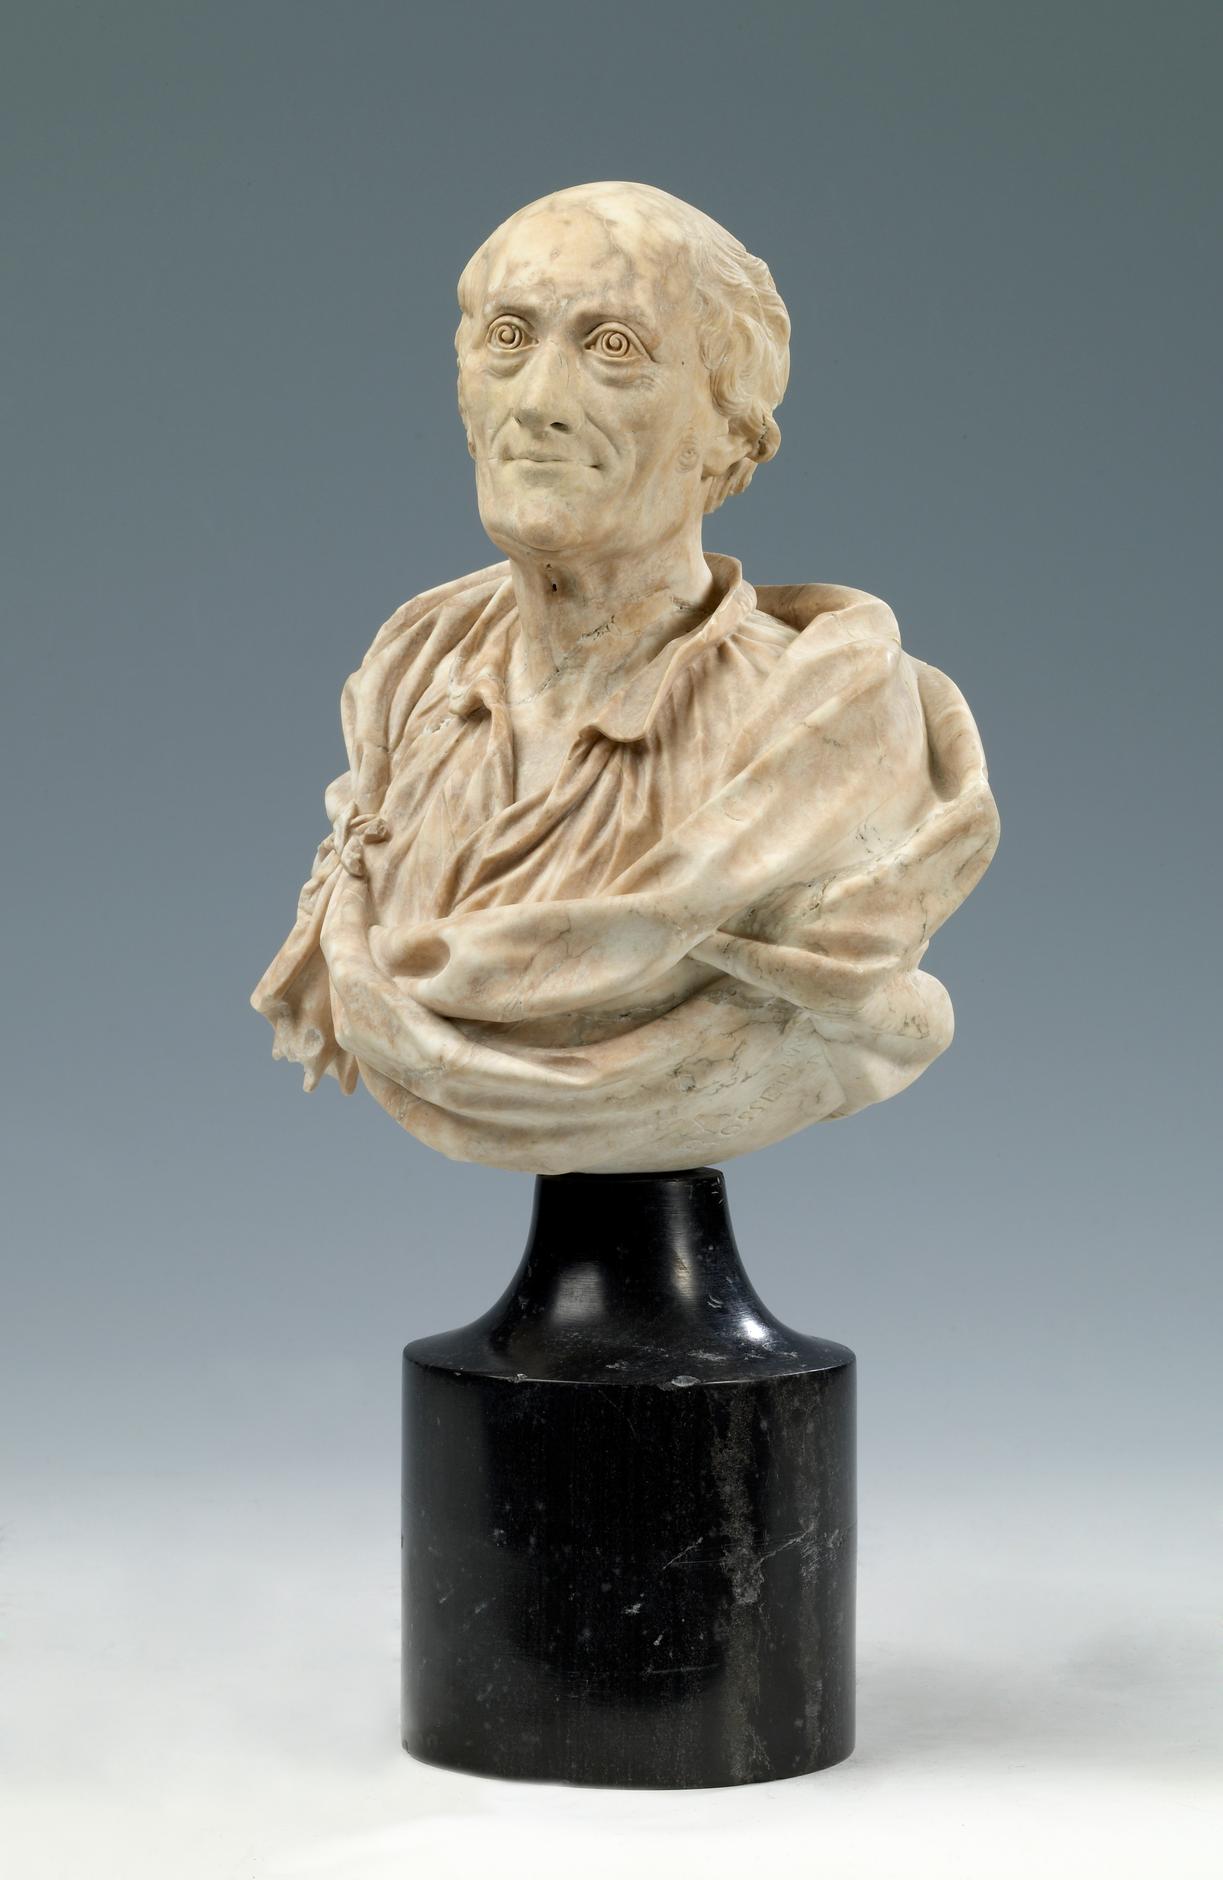 Buste Voltaire par Rosset © Jean-Loup Mathieu, Musées de Lons-le-Saunier